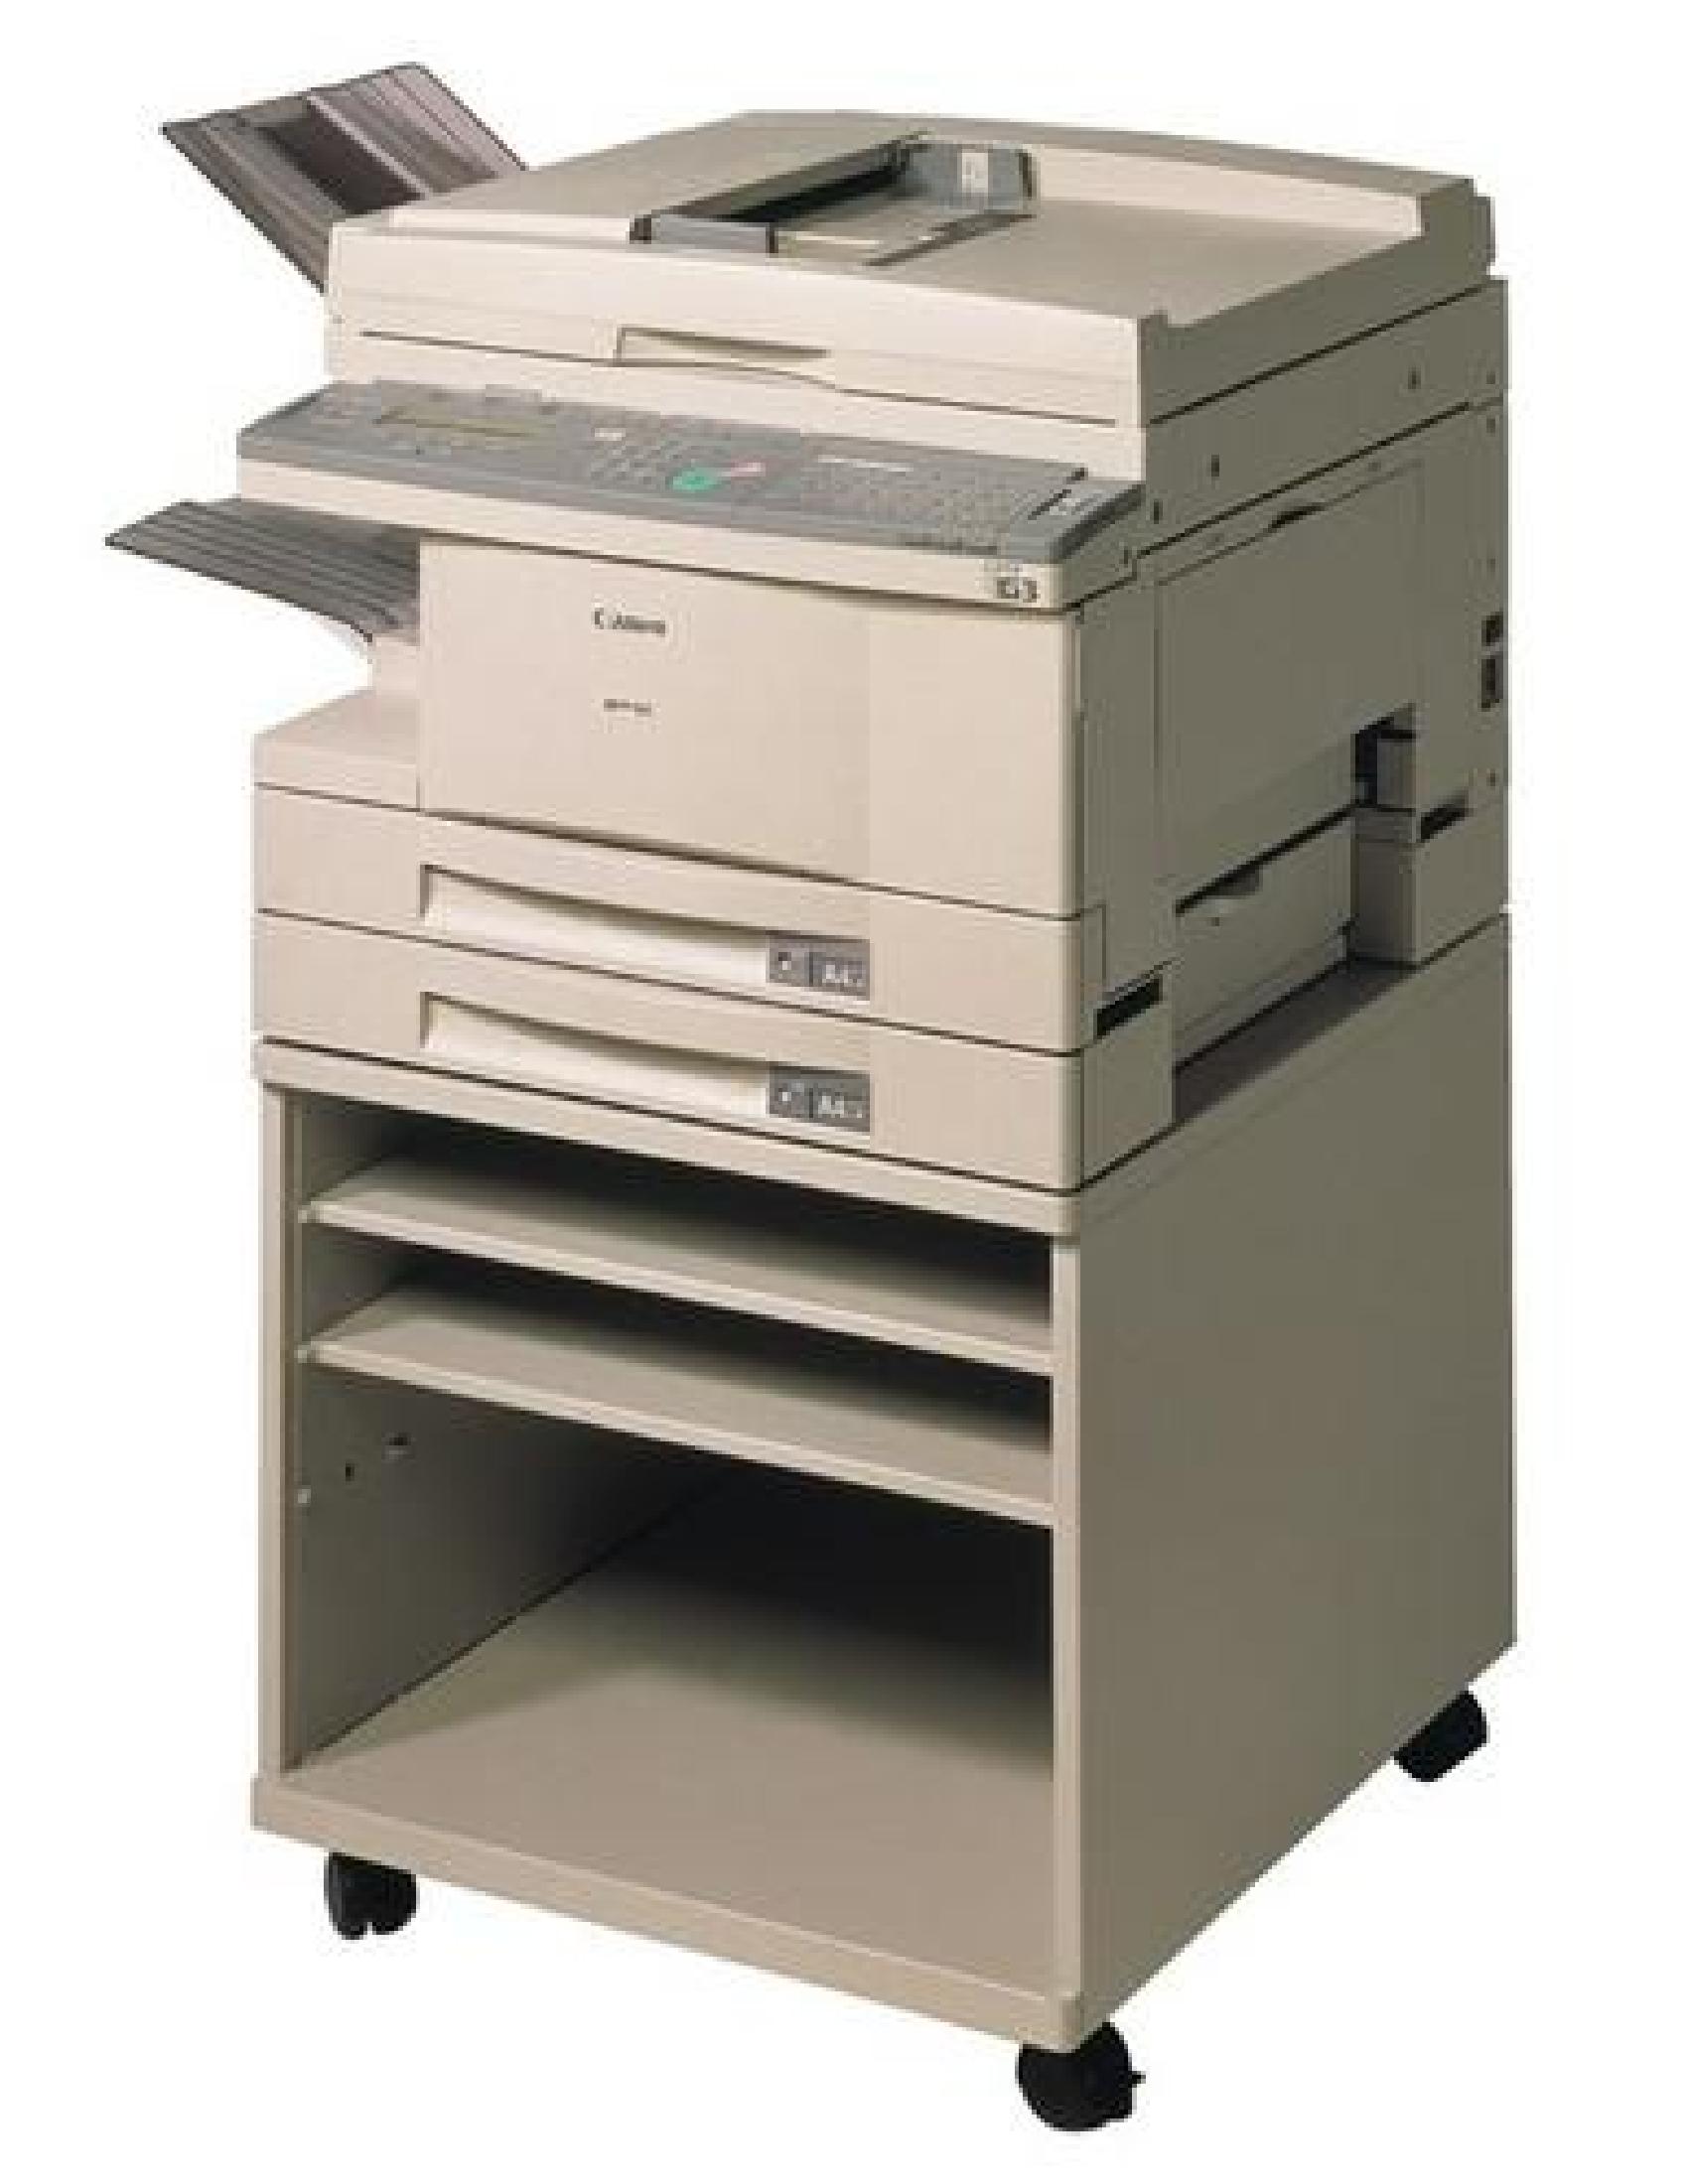 Canon GP160F Printer manual